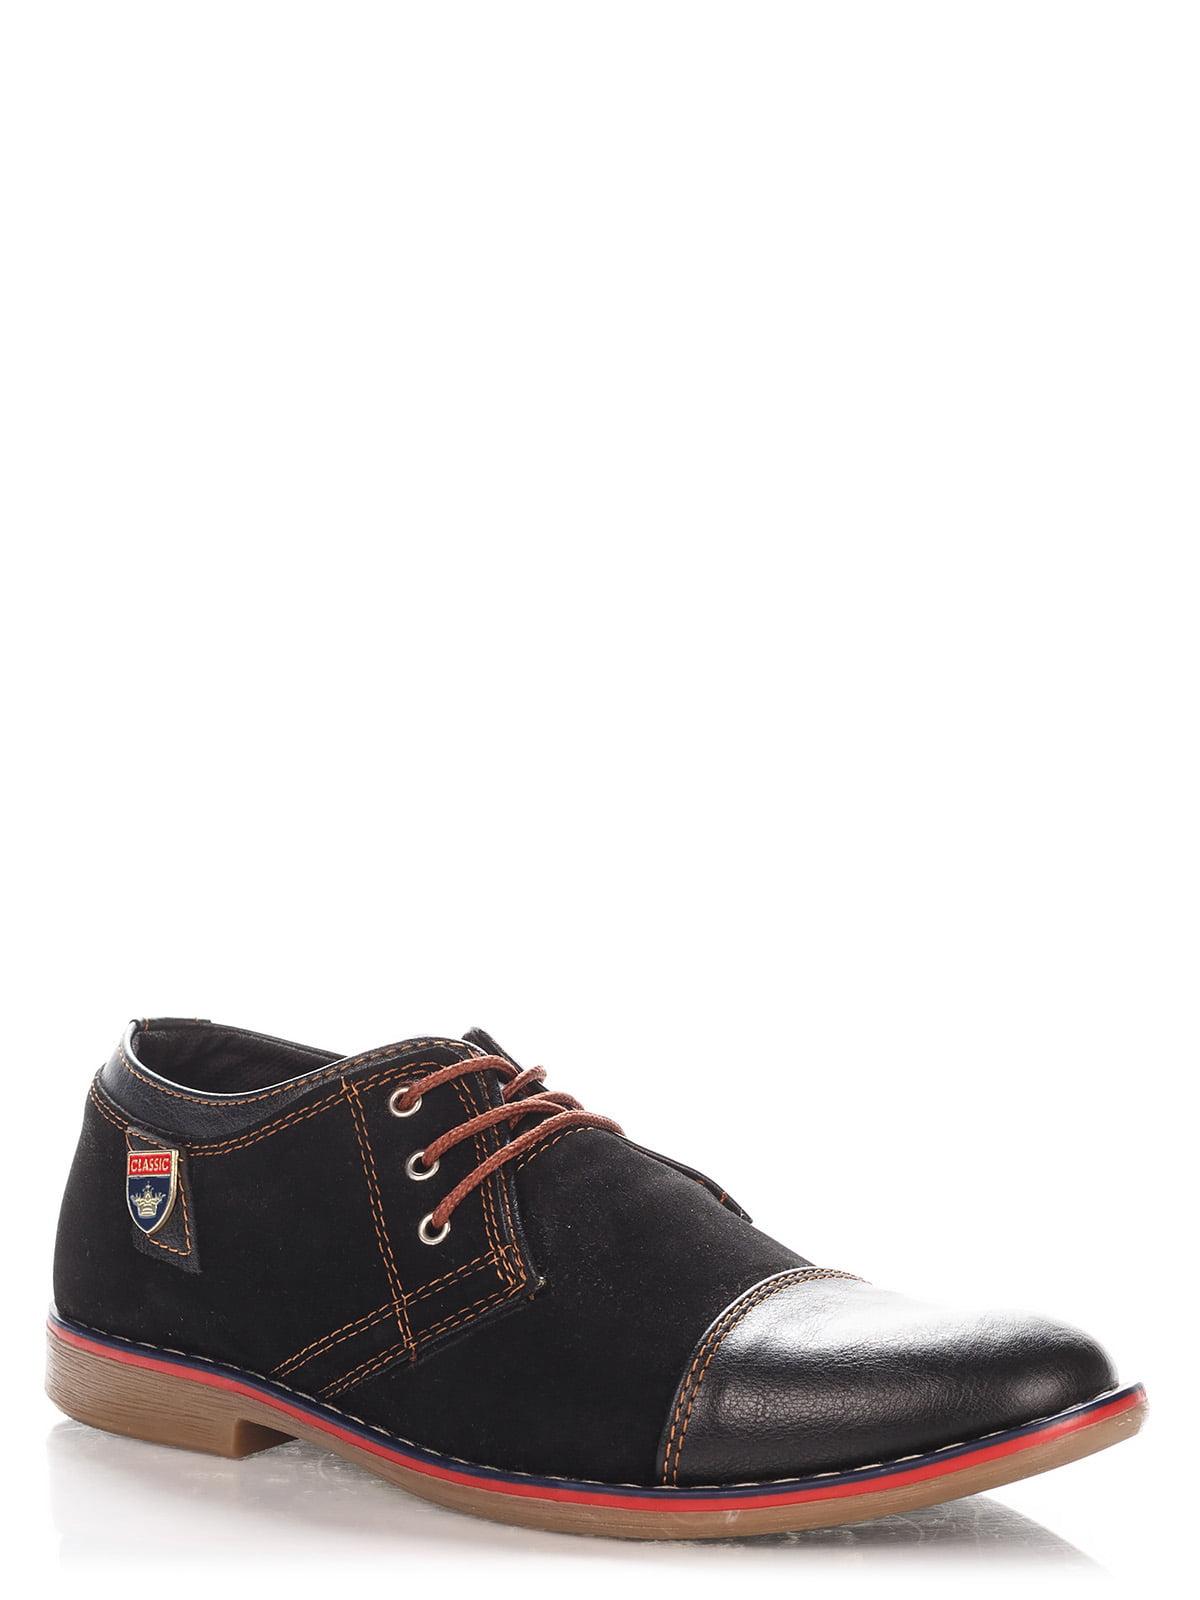 Туфли темно-коричневые   3507081   фото 2